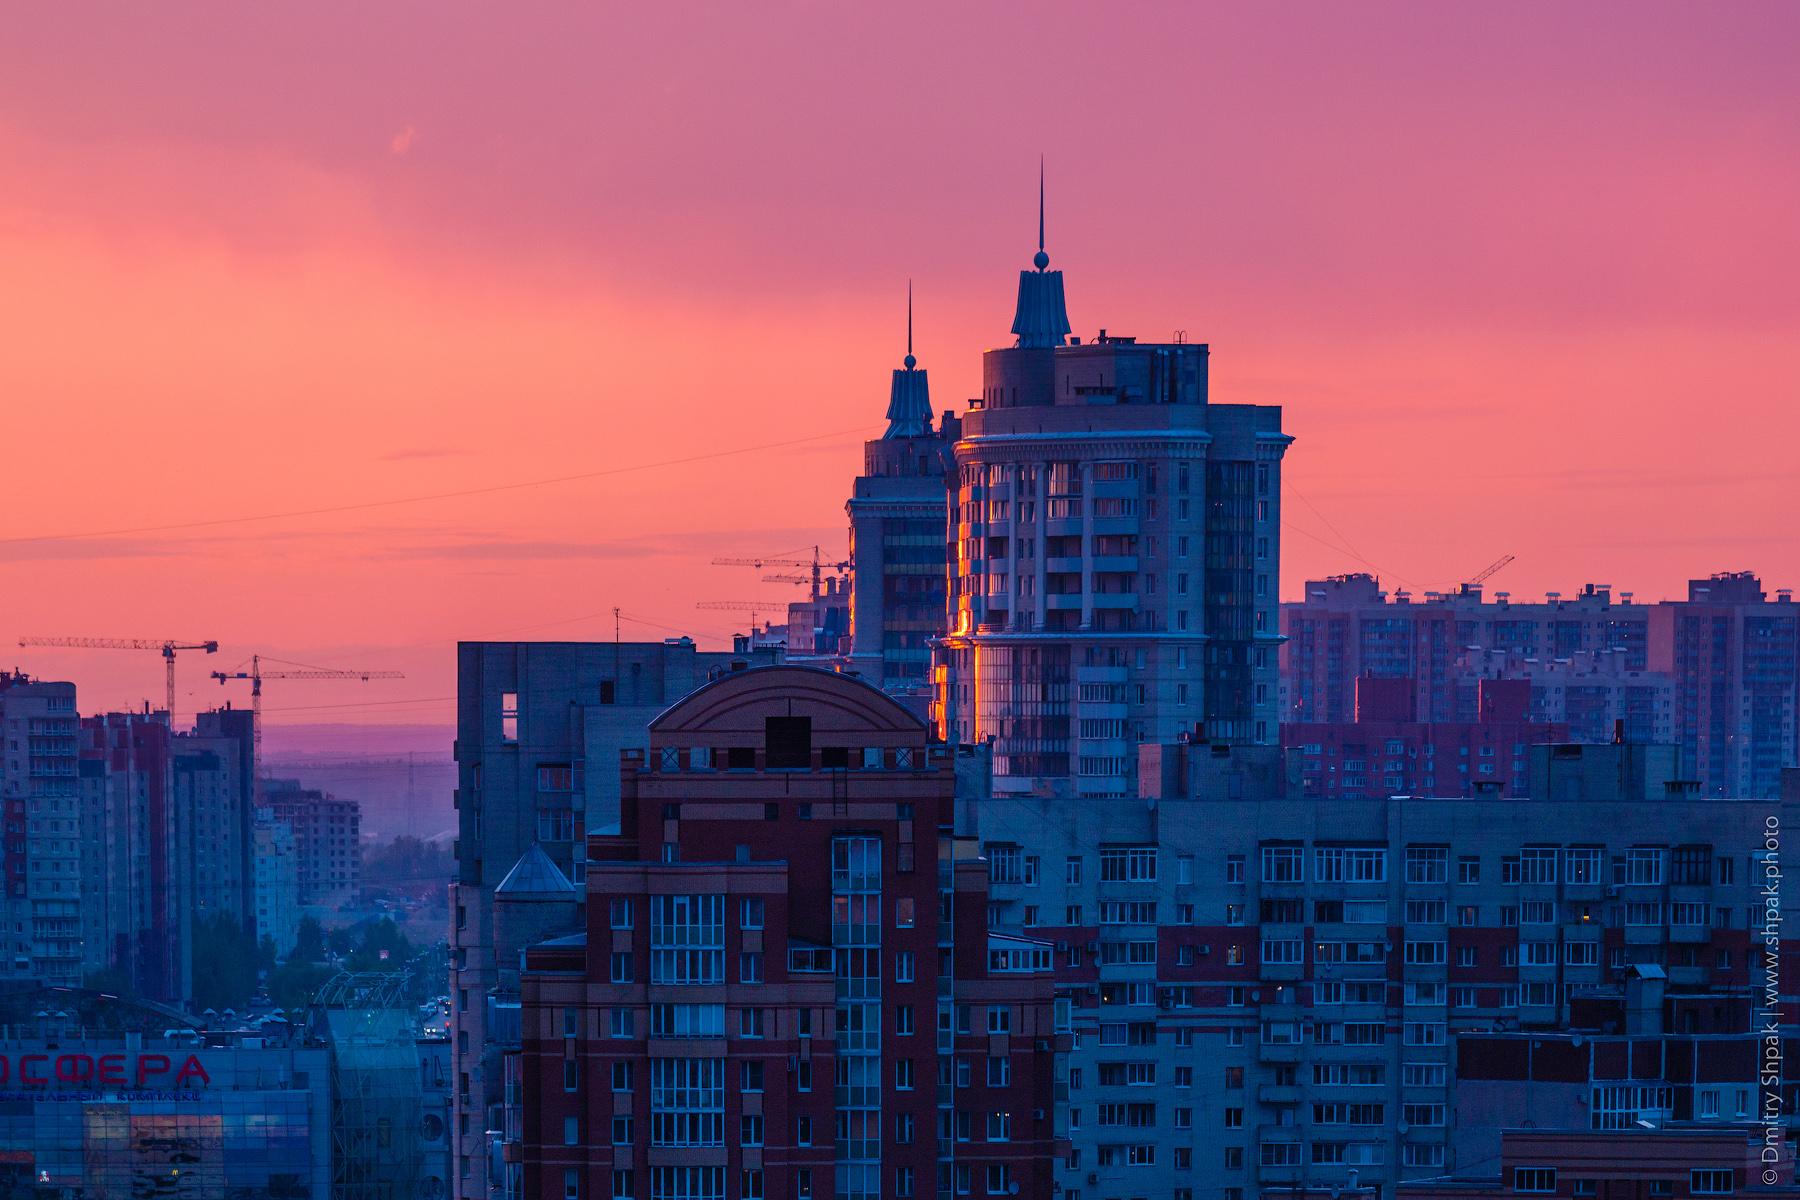 Закатное небо над Комендантским проспектом